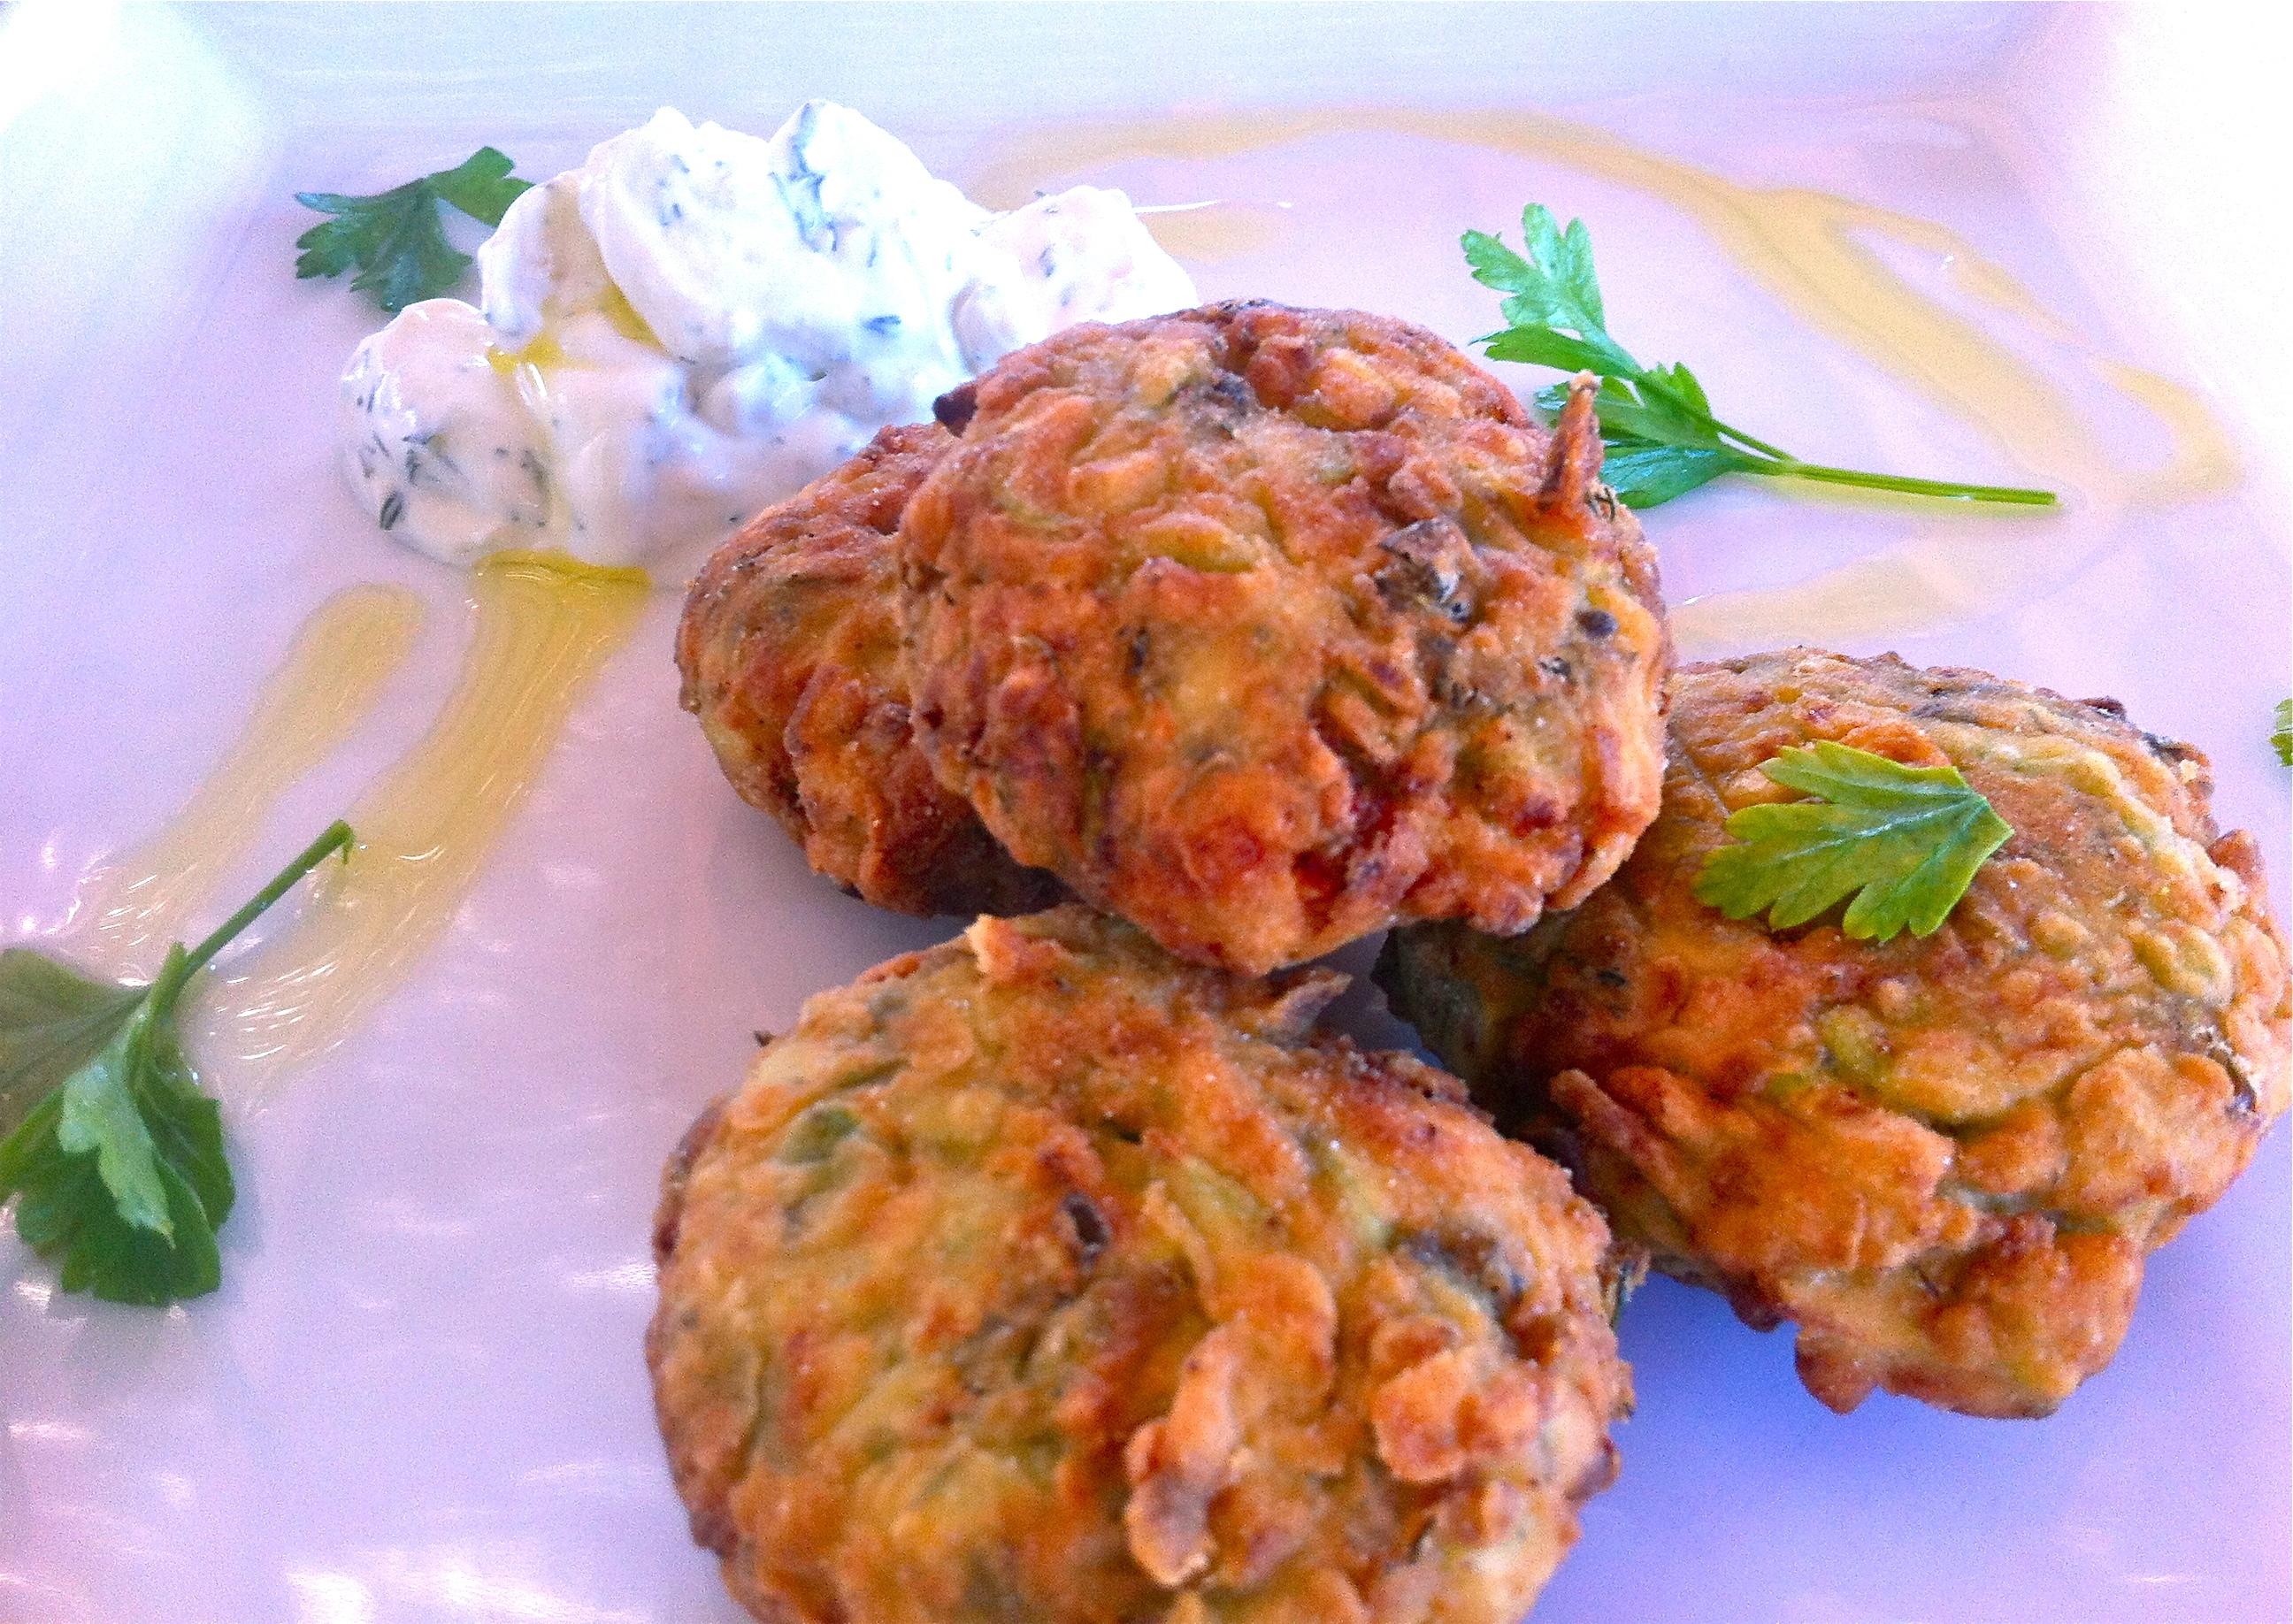 Chickpea & Shrimp fried patties Recipe on Food52